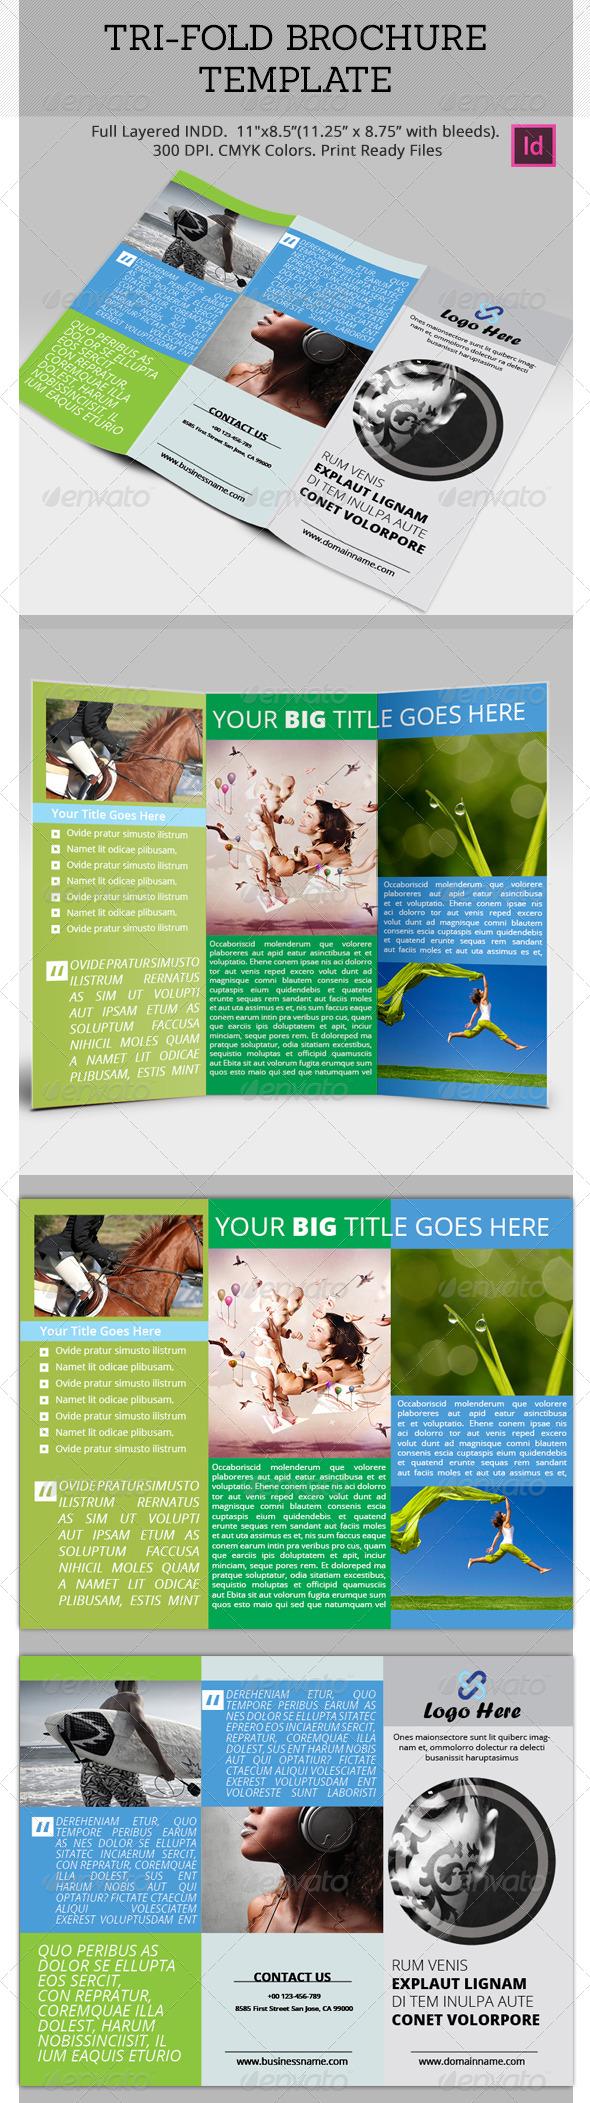 GraphicRiver Tri-Fold Brochure Template 5246981